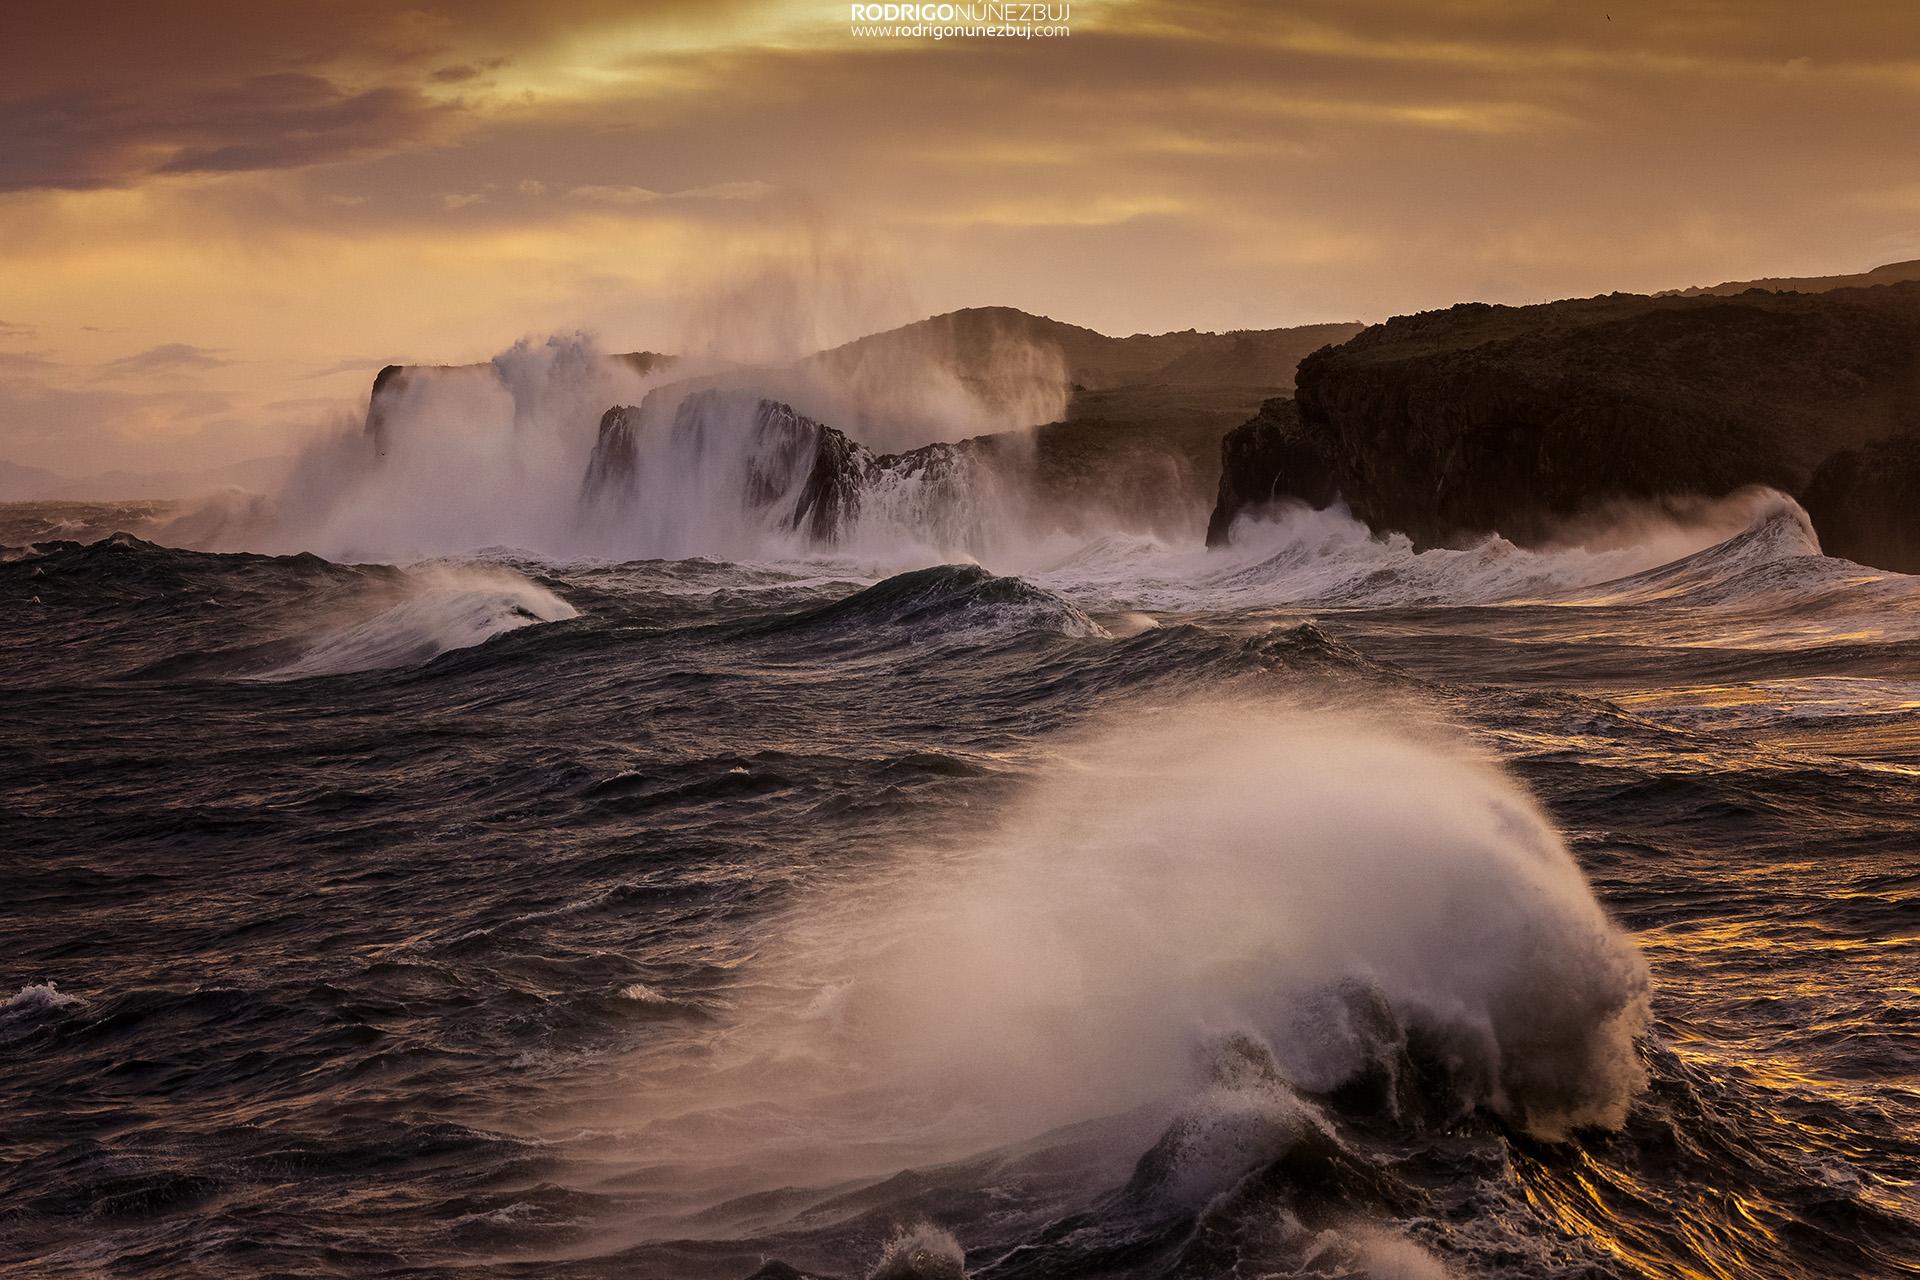 El rock de las olas